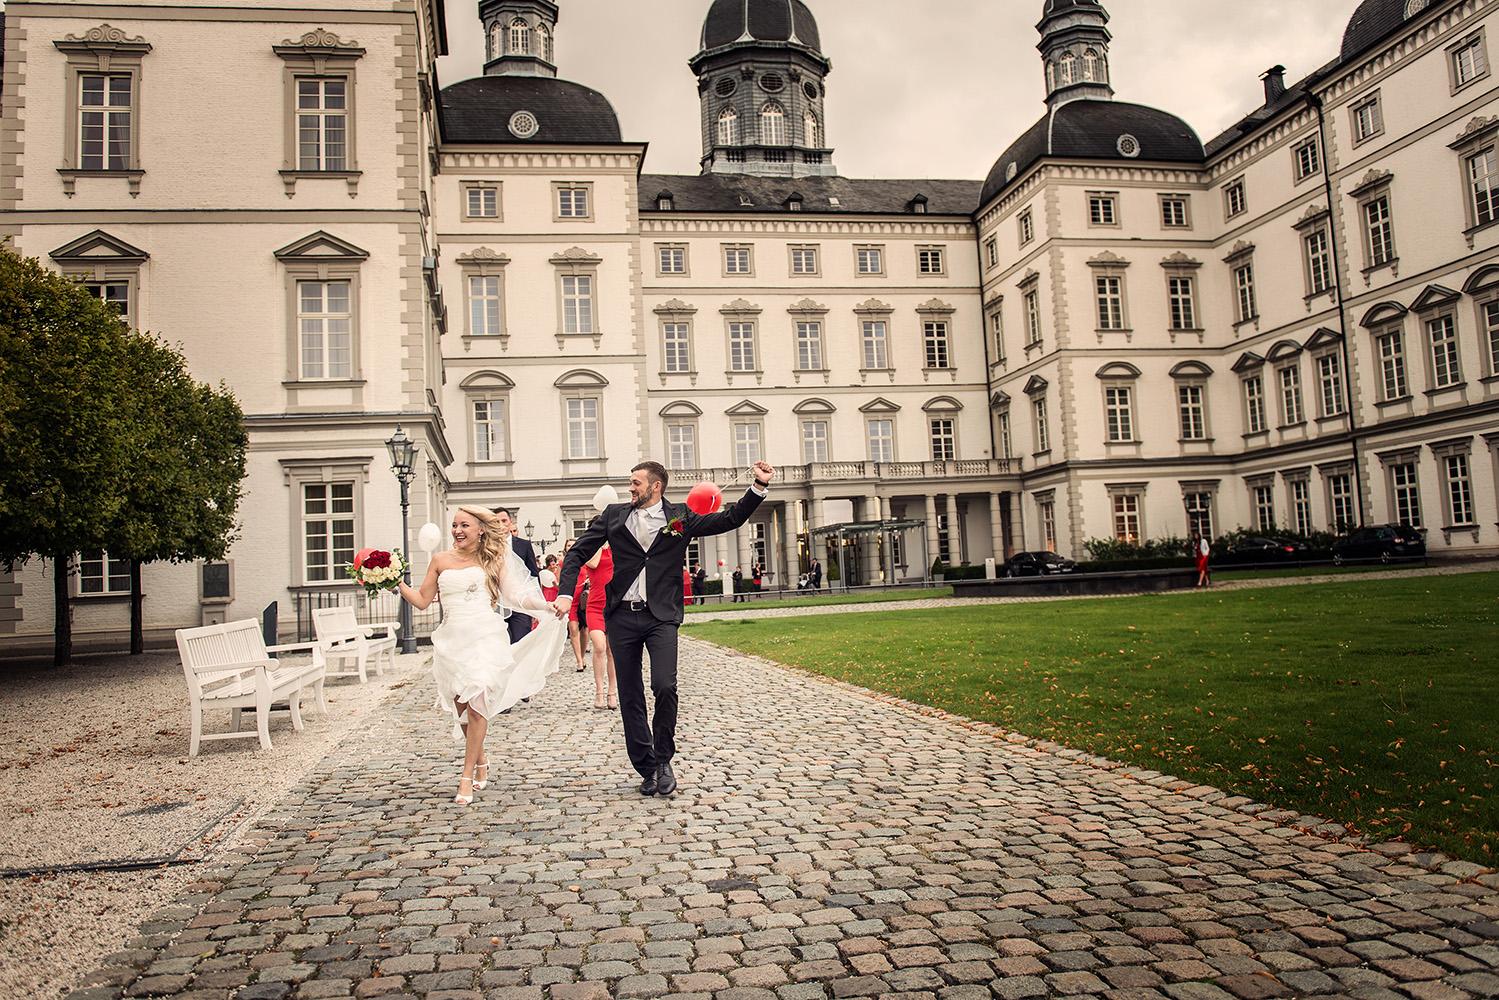 Hochzeitsvideo Köln, Paar auf dem Weg zur Feier